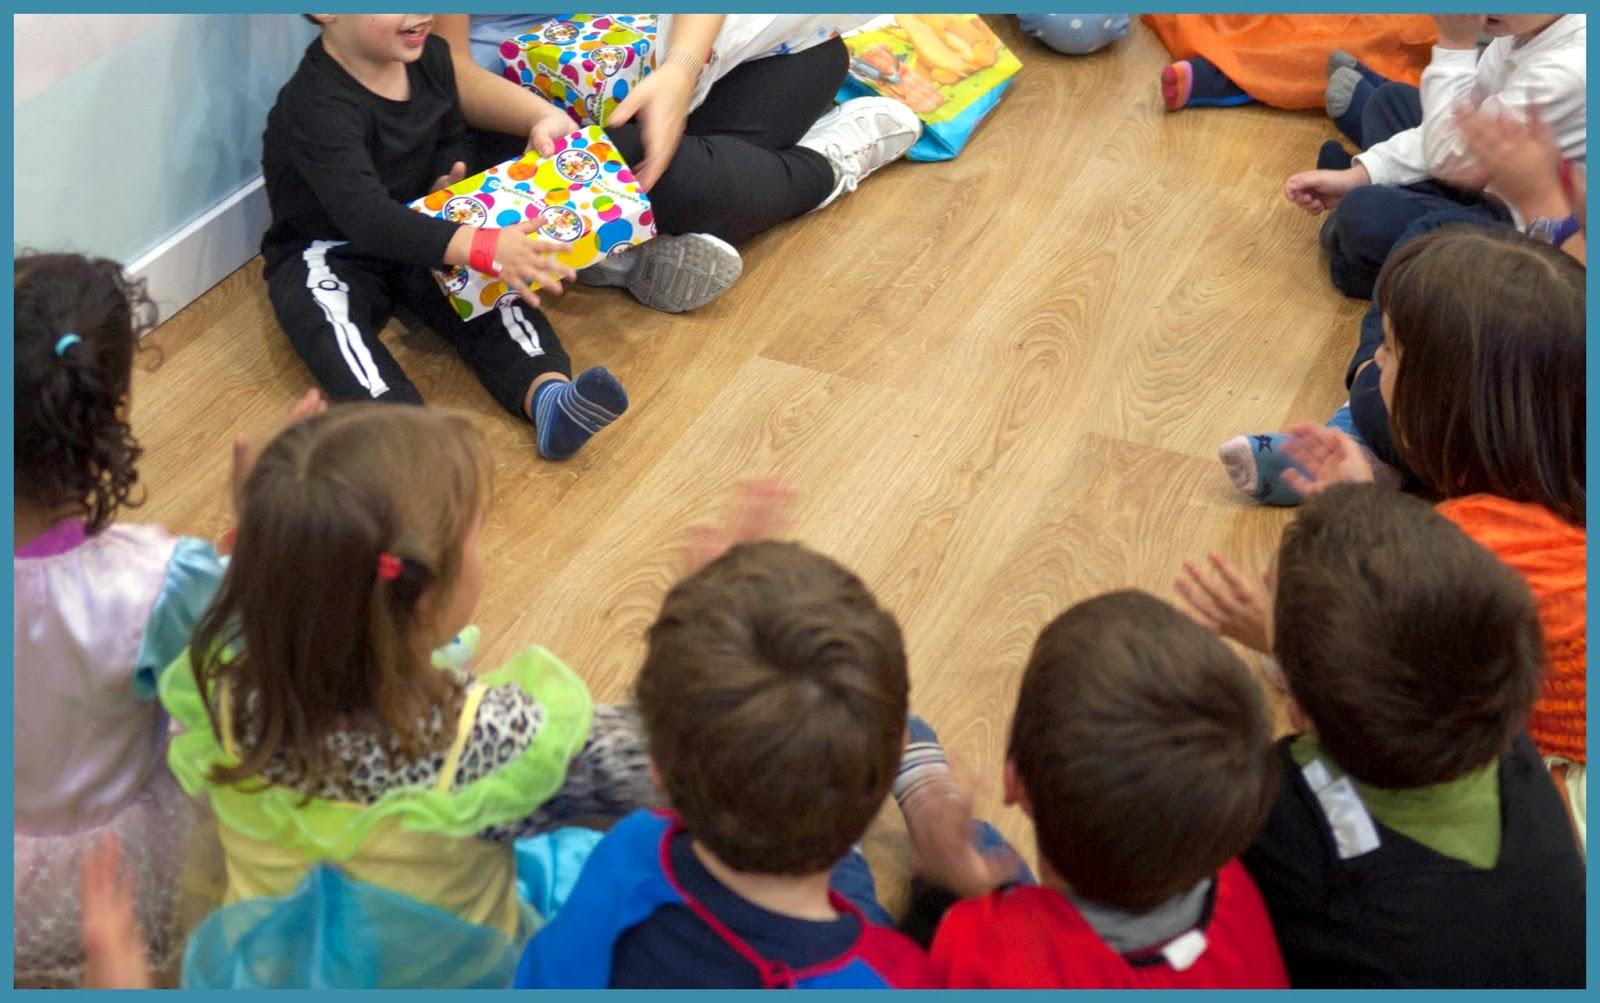 Bruno abriendo sus regalos de cumpleaños con los invitados en Little Kingdom